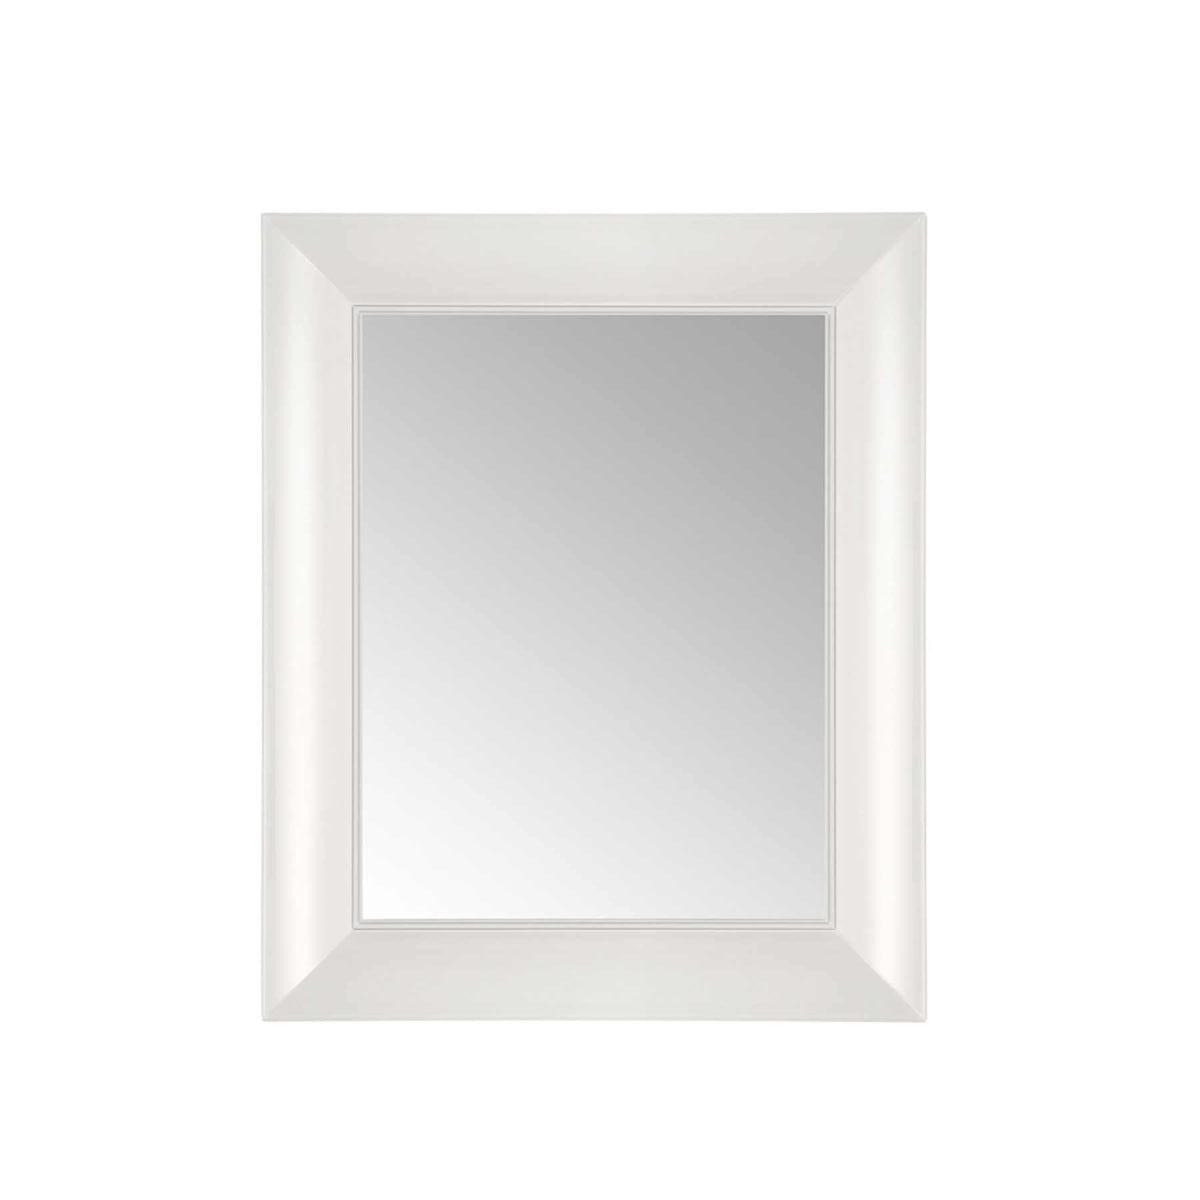 Miroir fran ois ghost pour kartell for Miroir kartell ghost